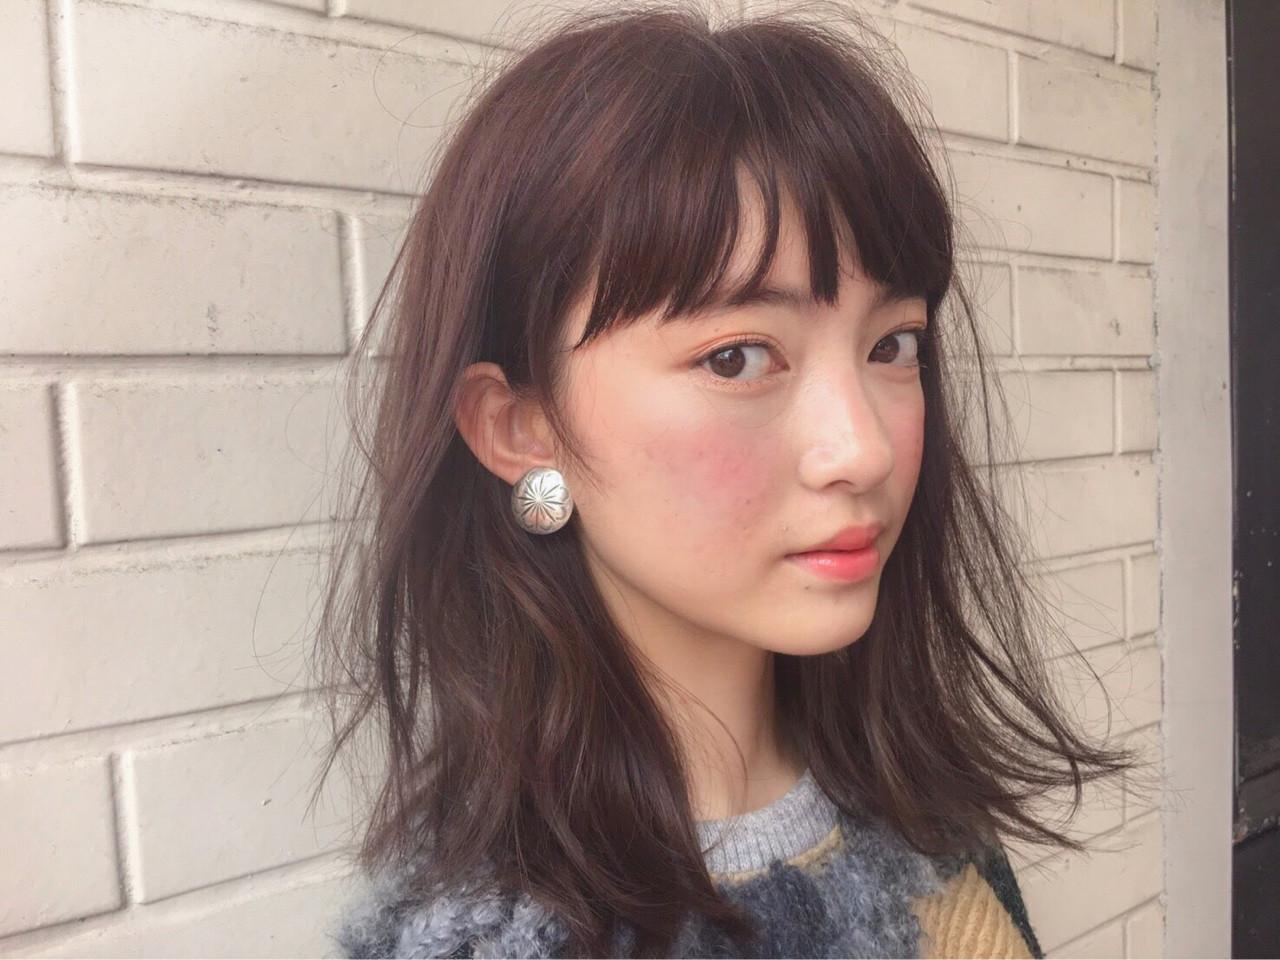 オンオフでかわいい♡ナチュラルハイライトヘア GARDEN harajyuku 細田